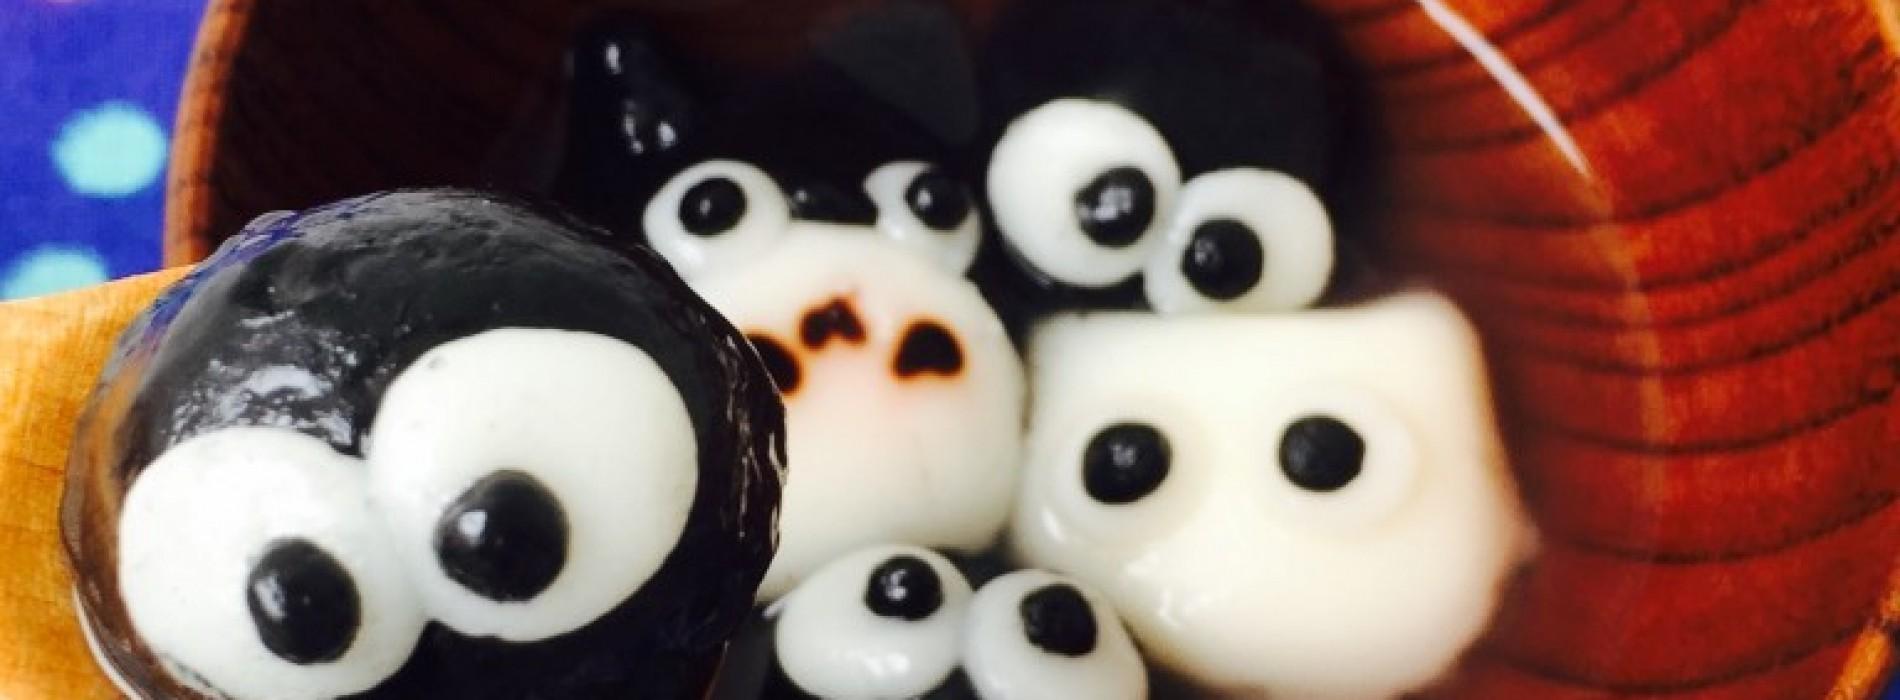 壁纸 大熊猫 动物 1900_700